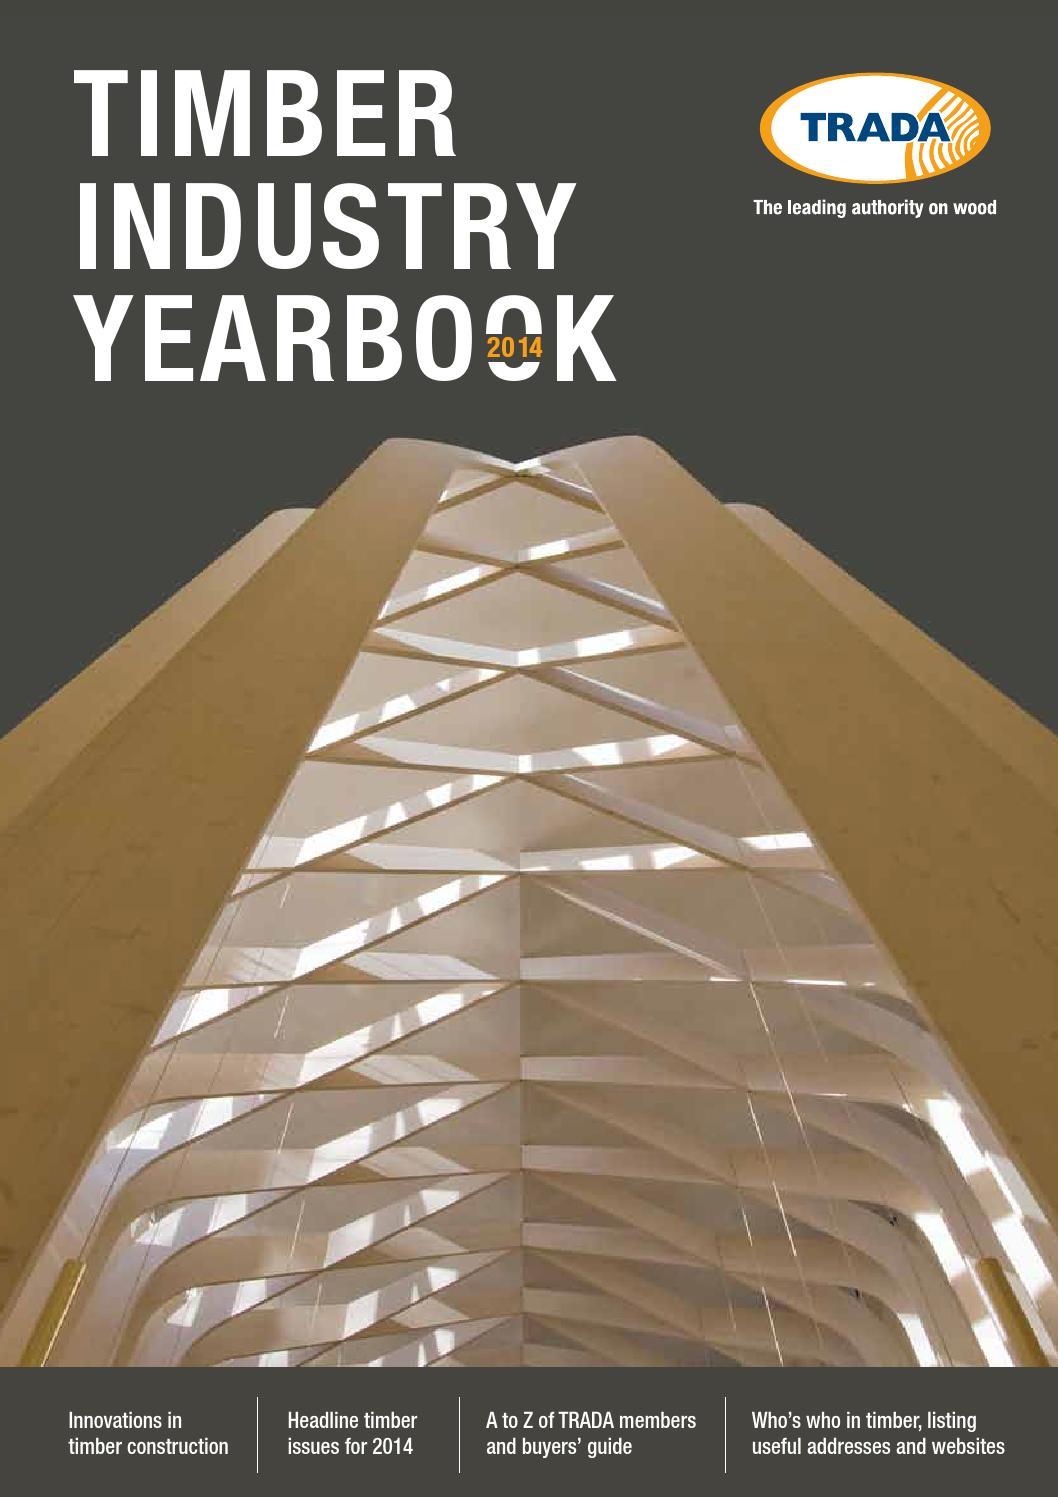 Trada Timber Industry Yearbook 2014 By Exova Bm Issuu Gmc Sierra Wiring Diagram Underfloor Board